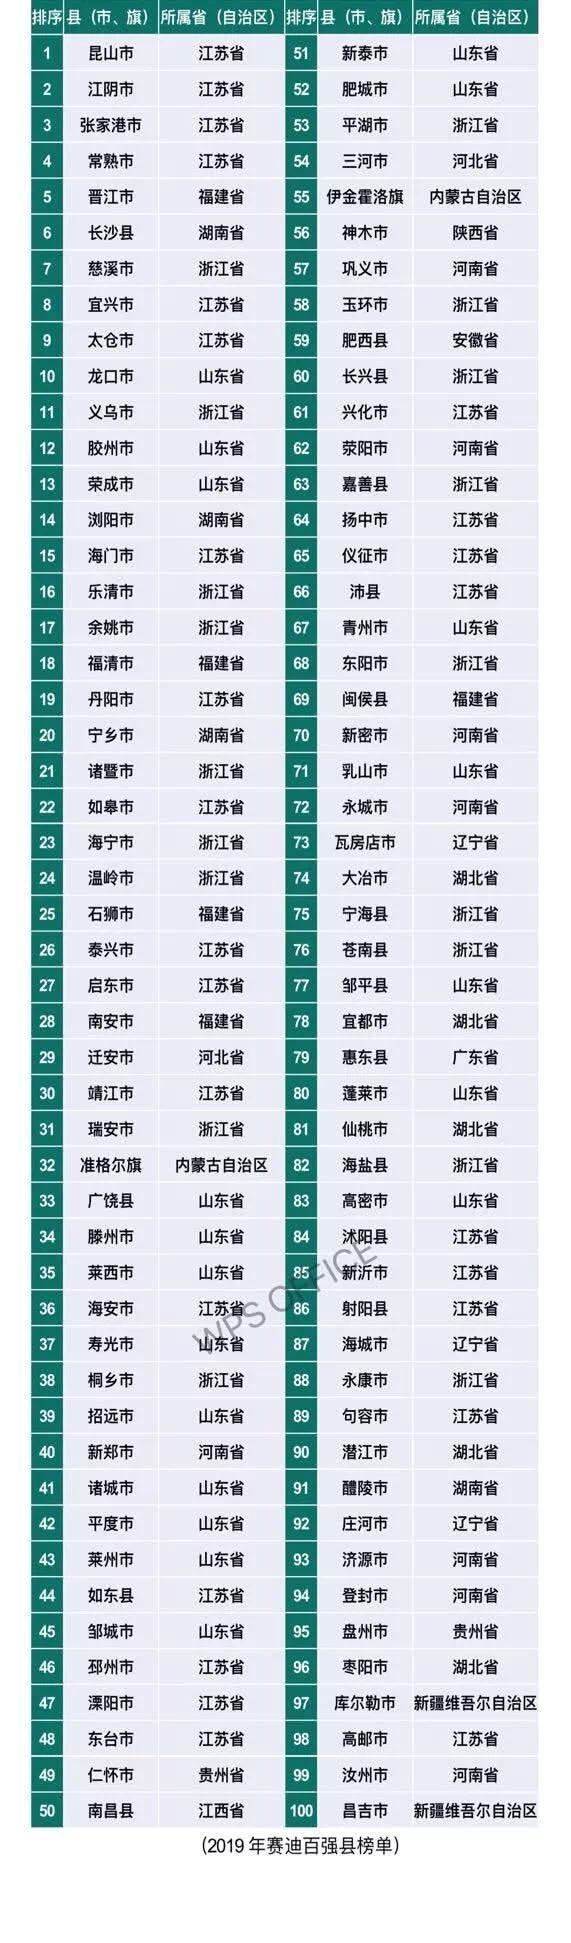 2019年赛迪百强县名单